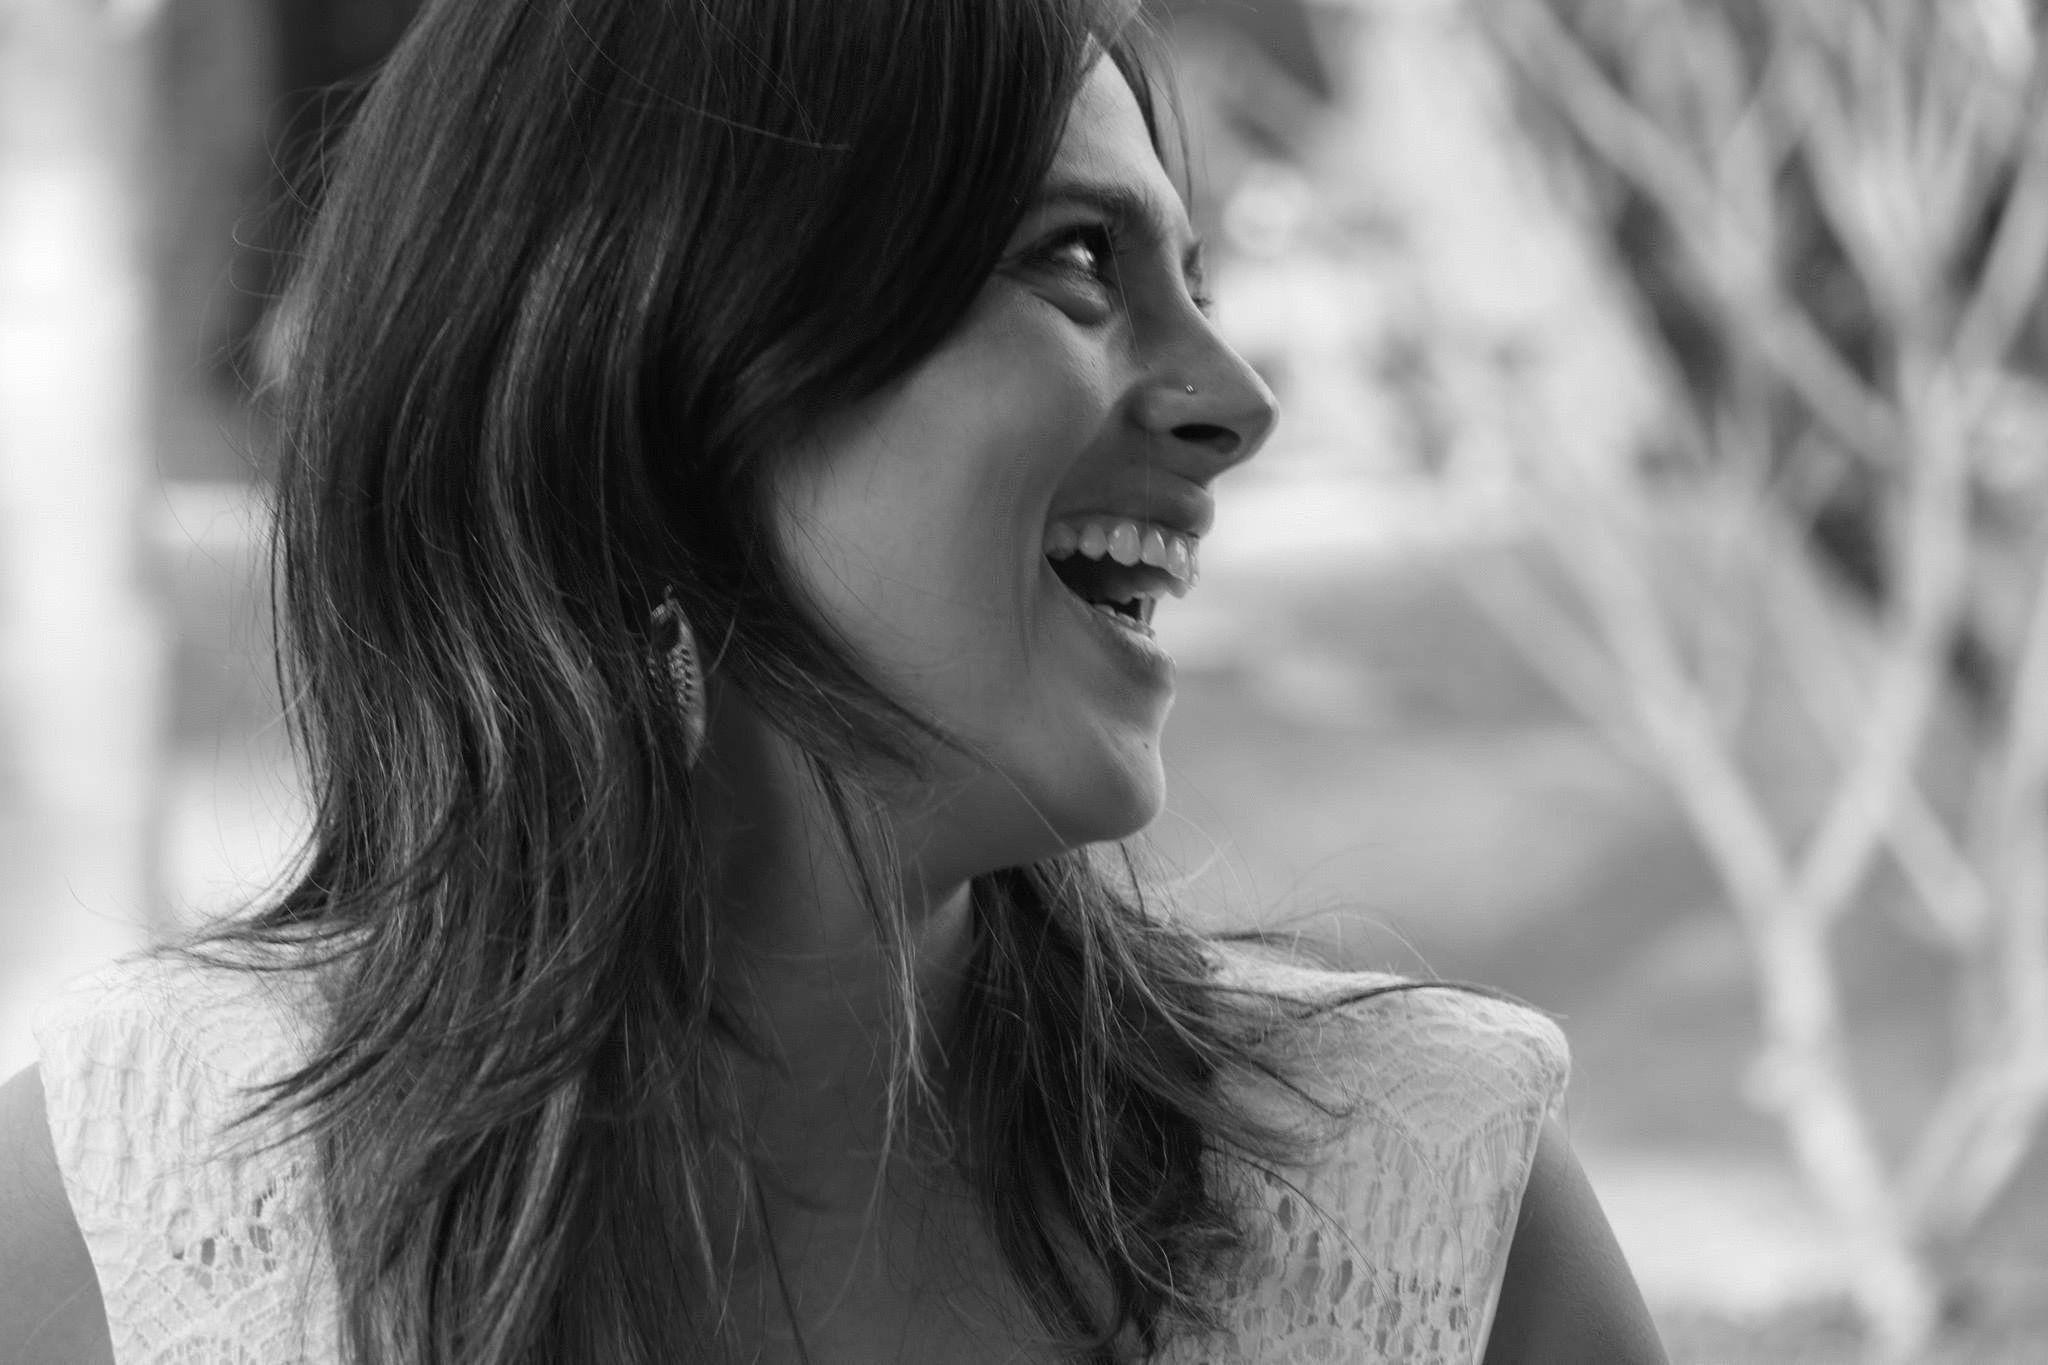 Mariana Moraes